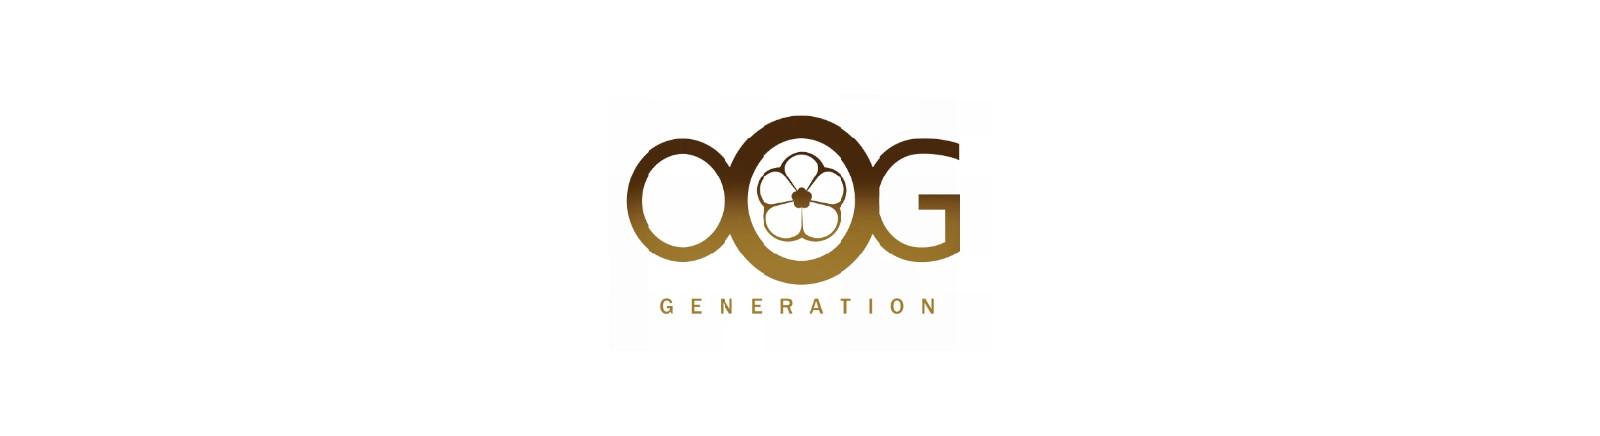 OOG Markenschuhe online kaufen im GISY Schuhe Shop